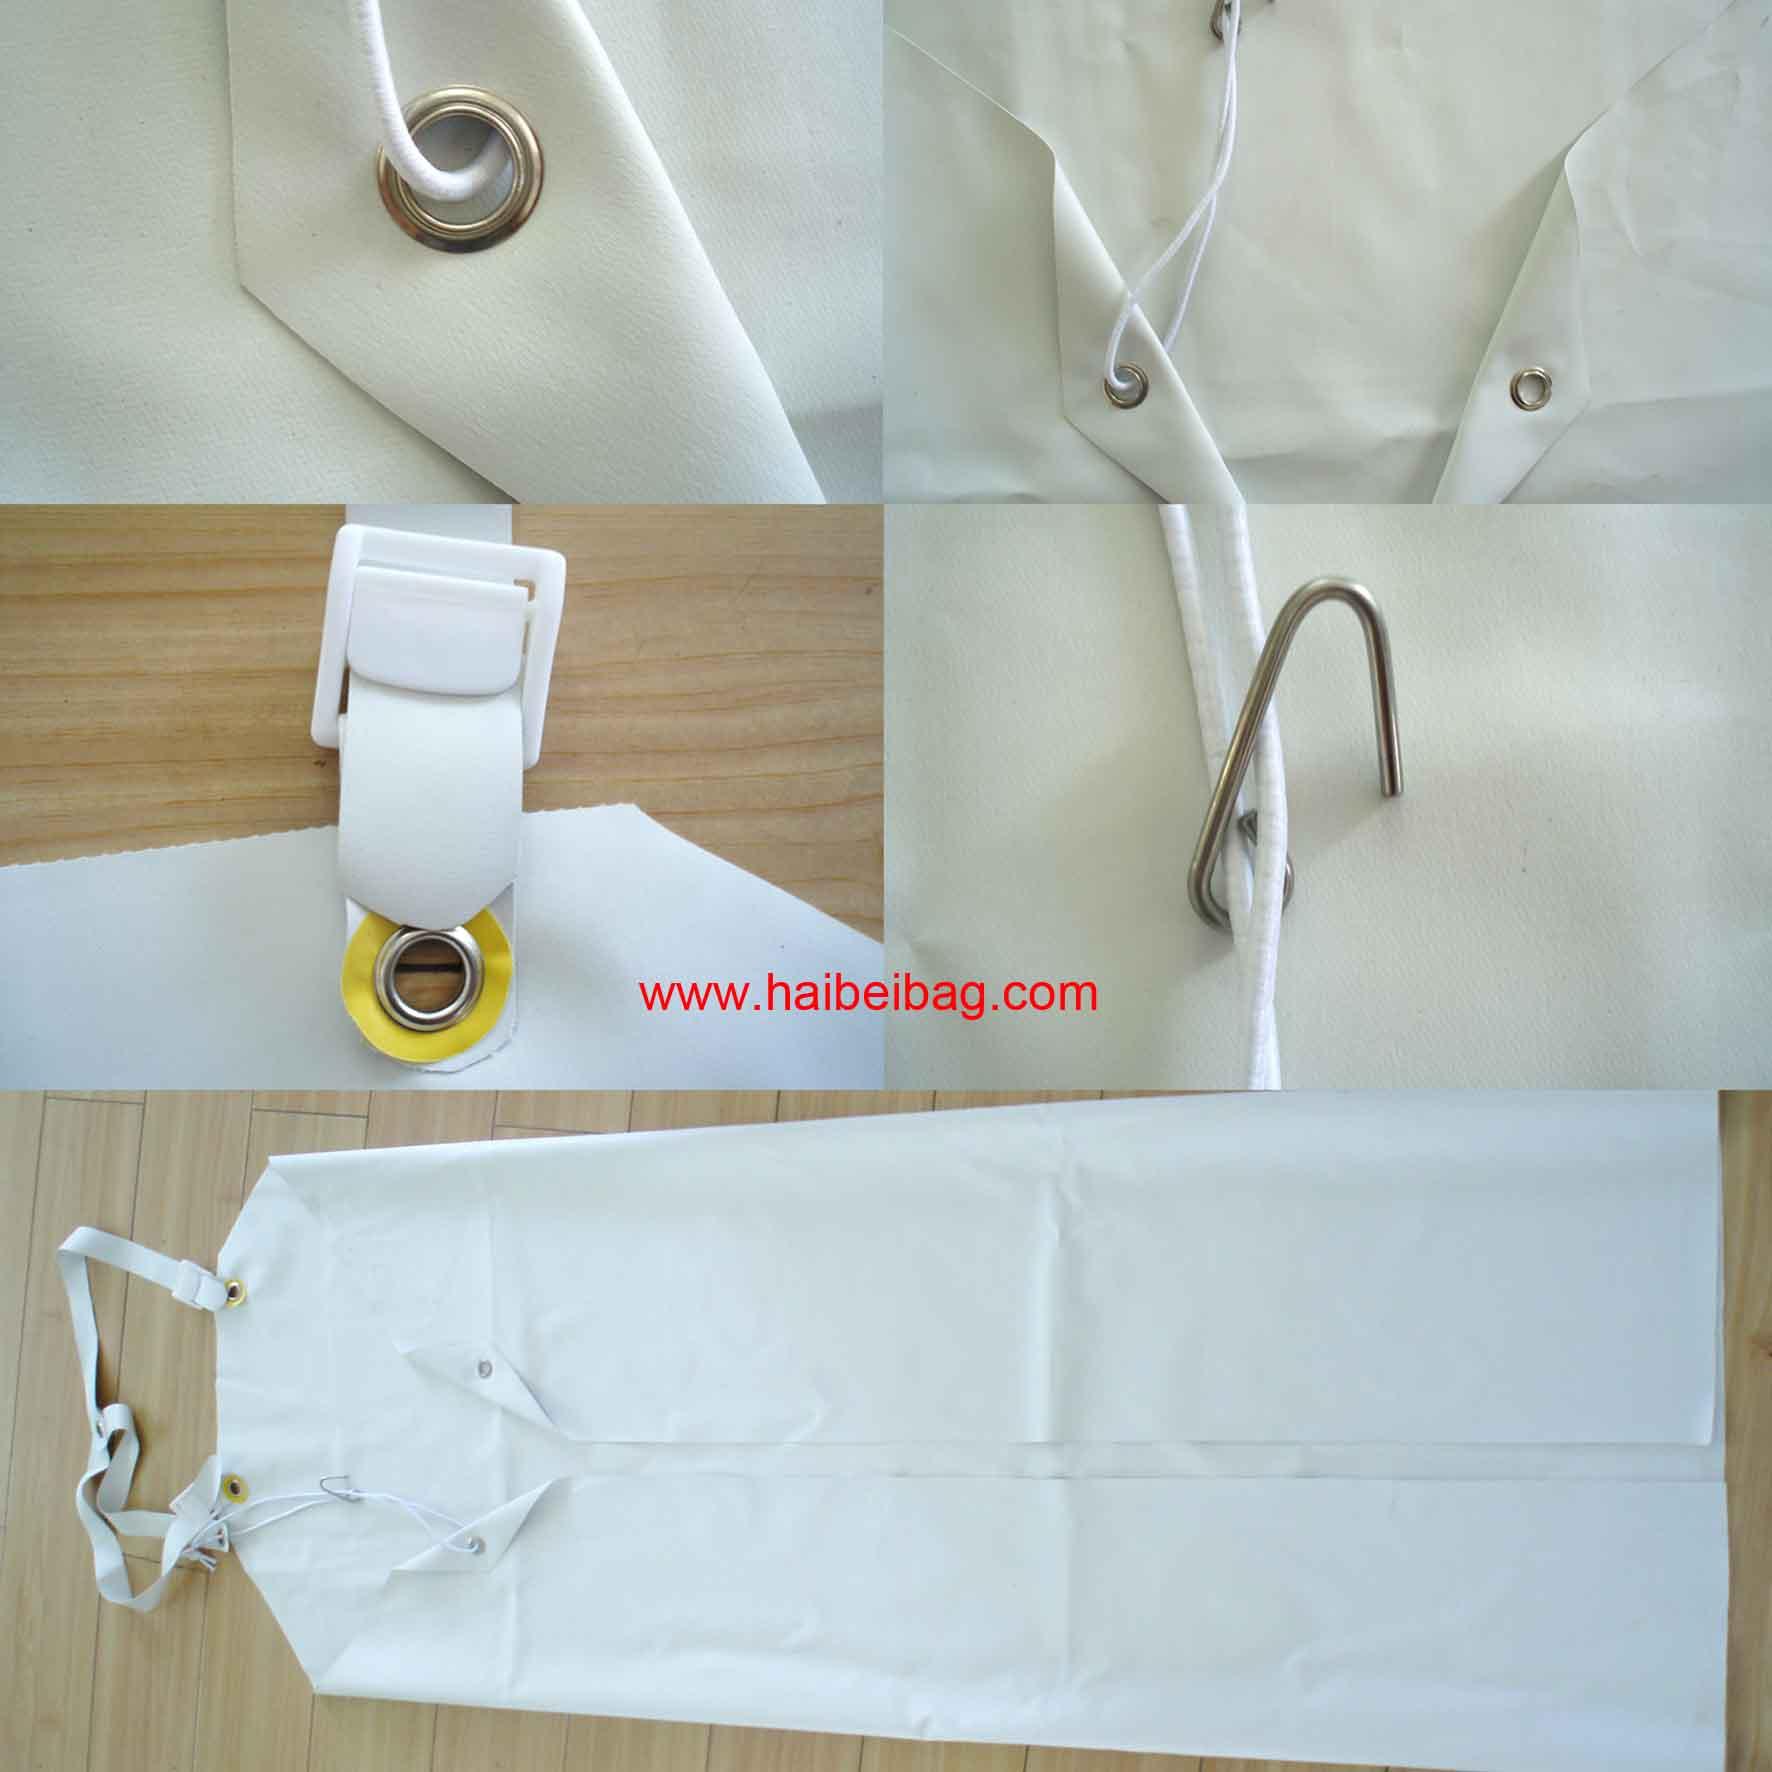 White rubber apron - Rubber Apron